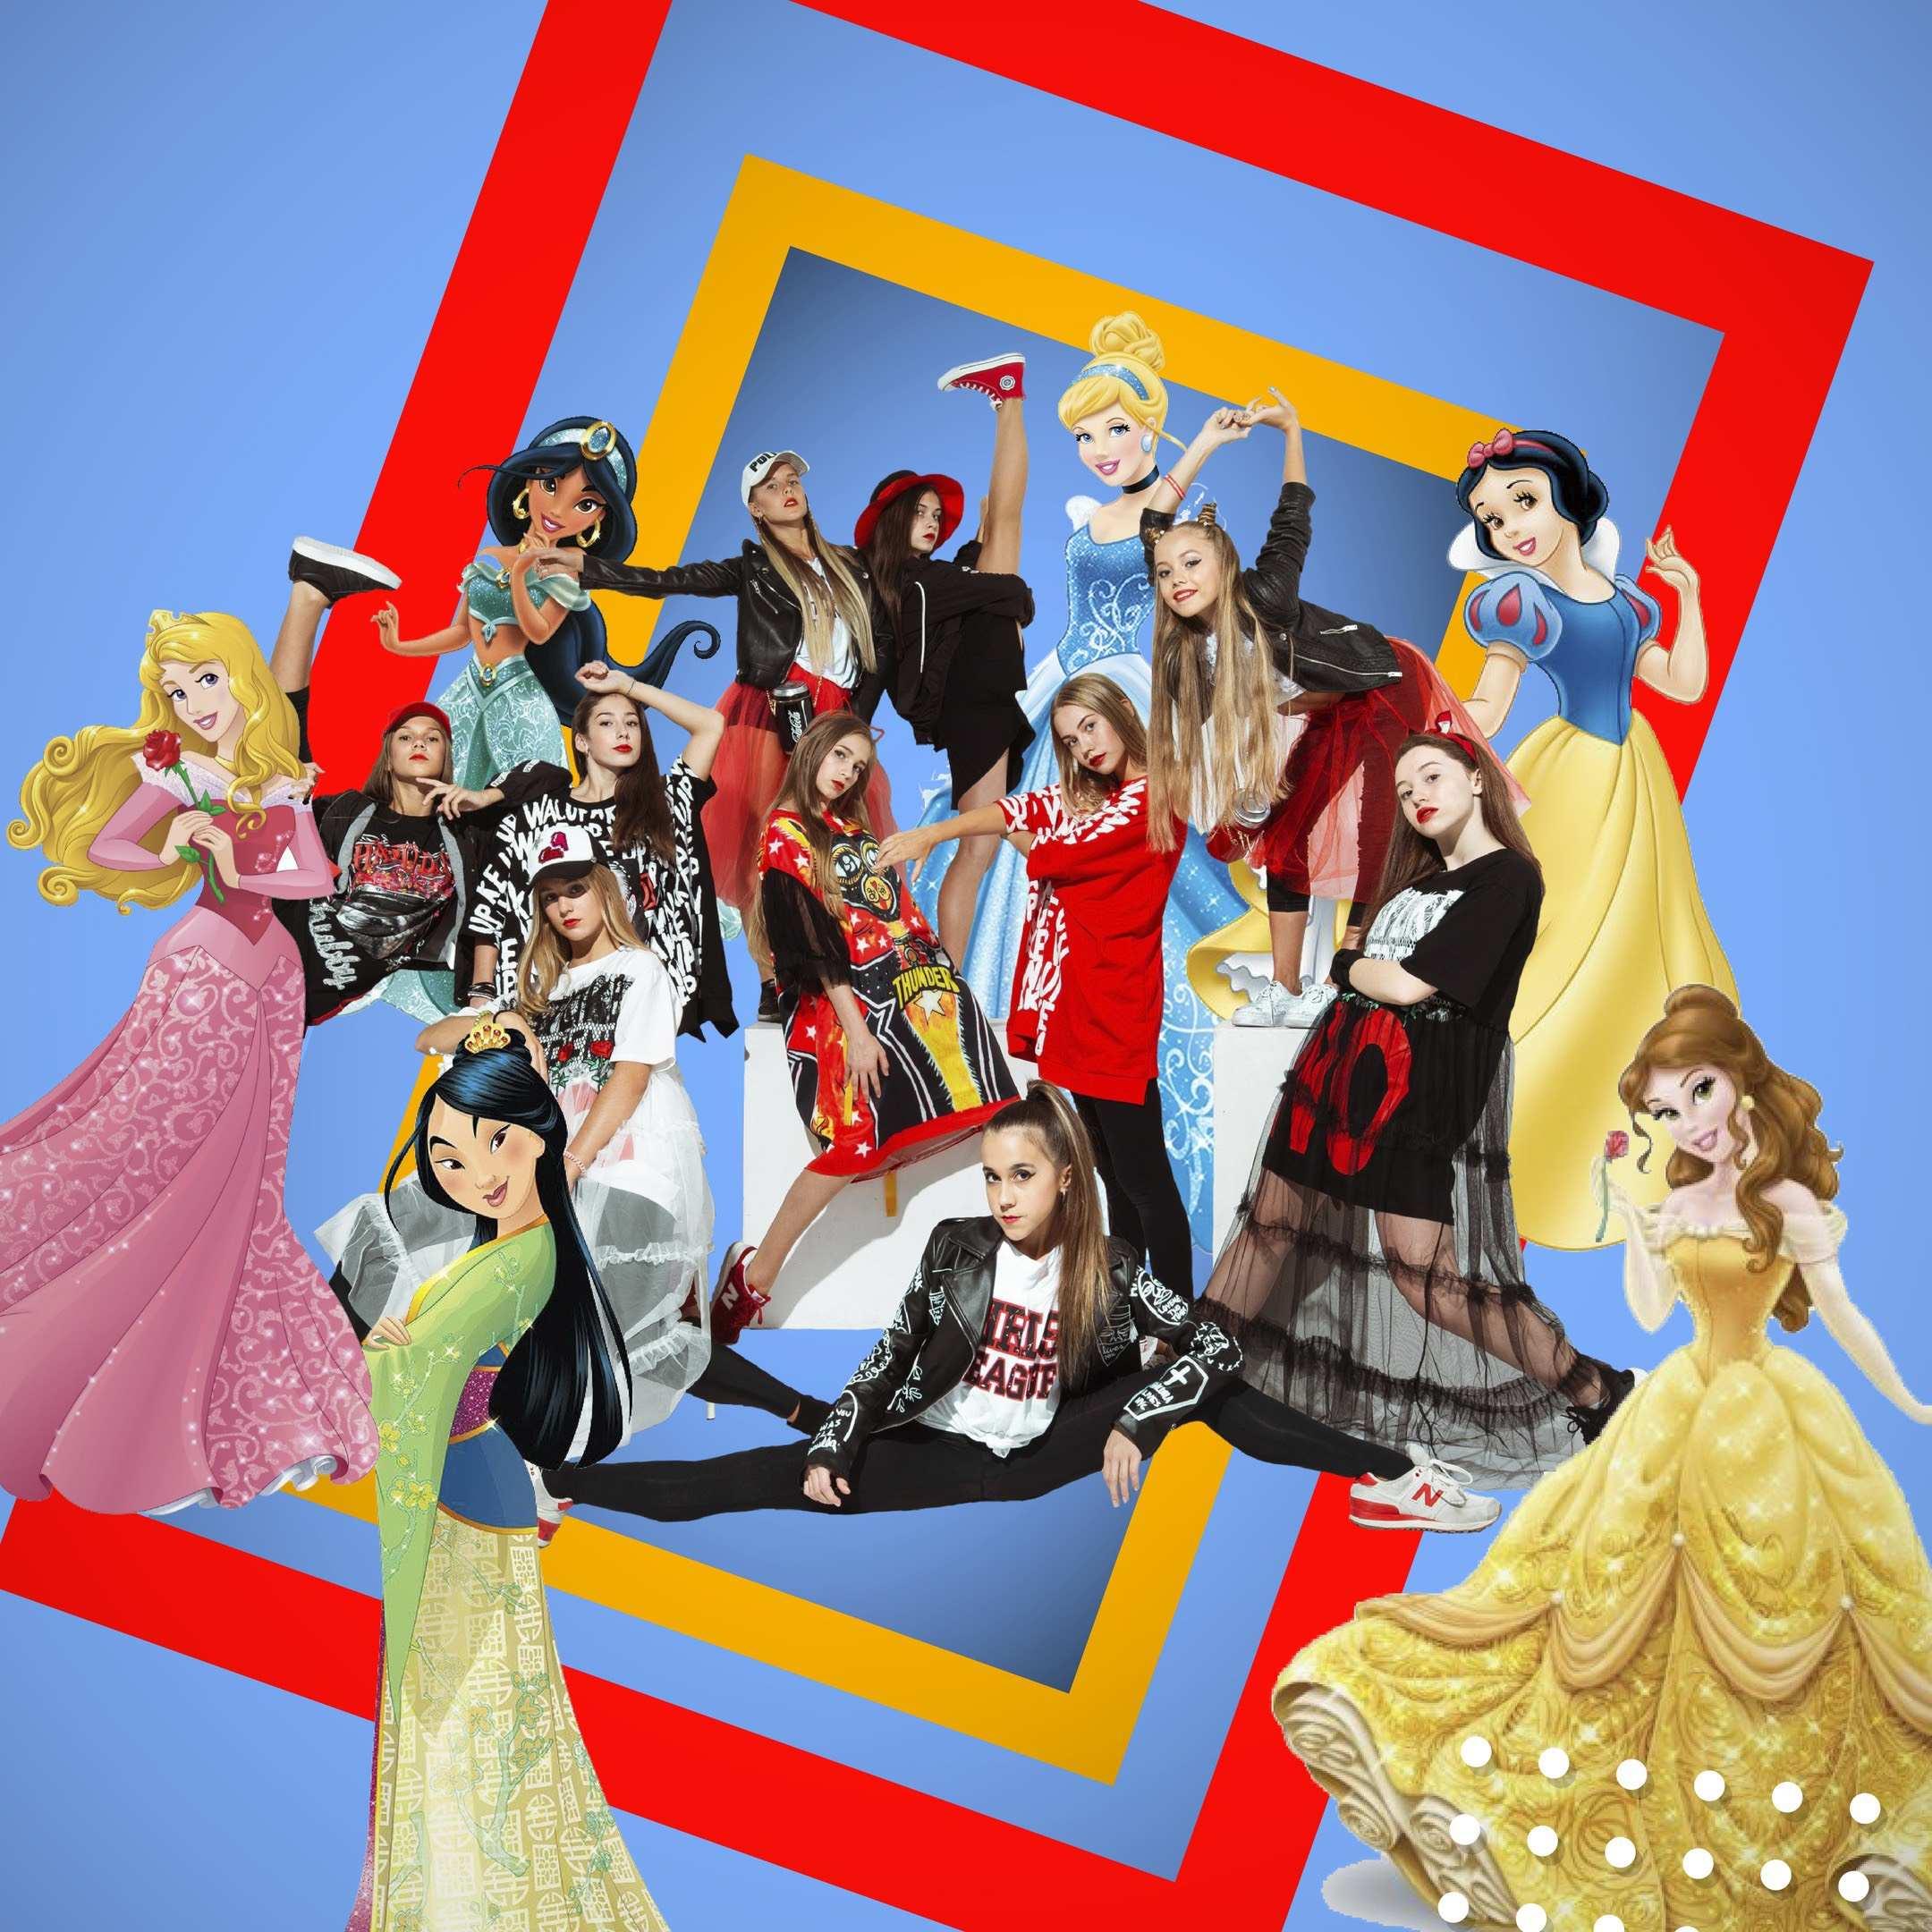 Танцевальная сказка «Перепутанное королевство» со скидкой 35%